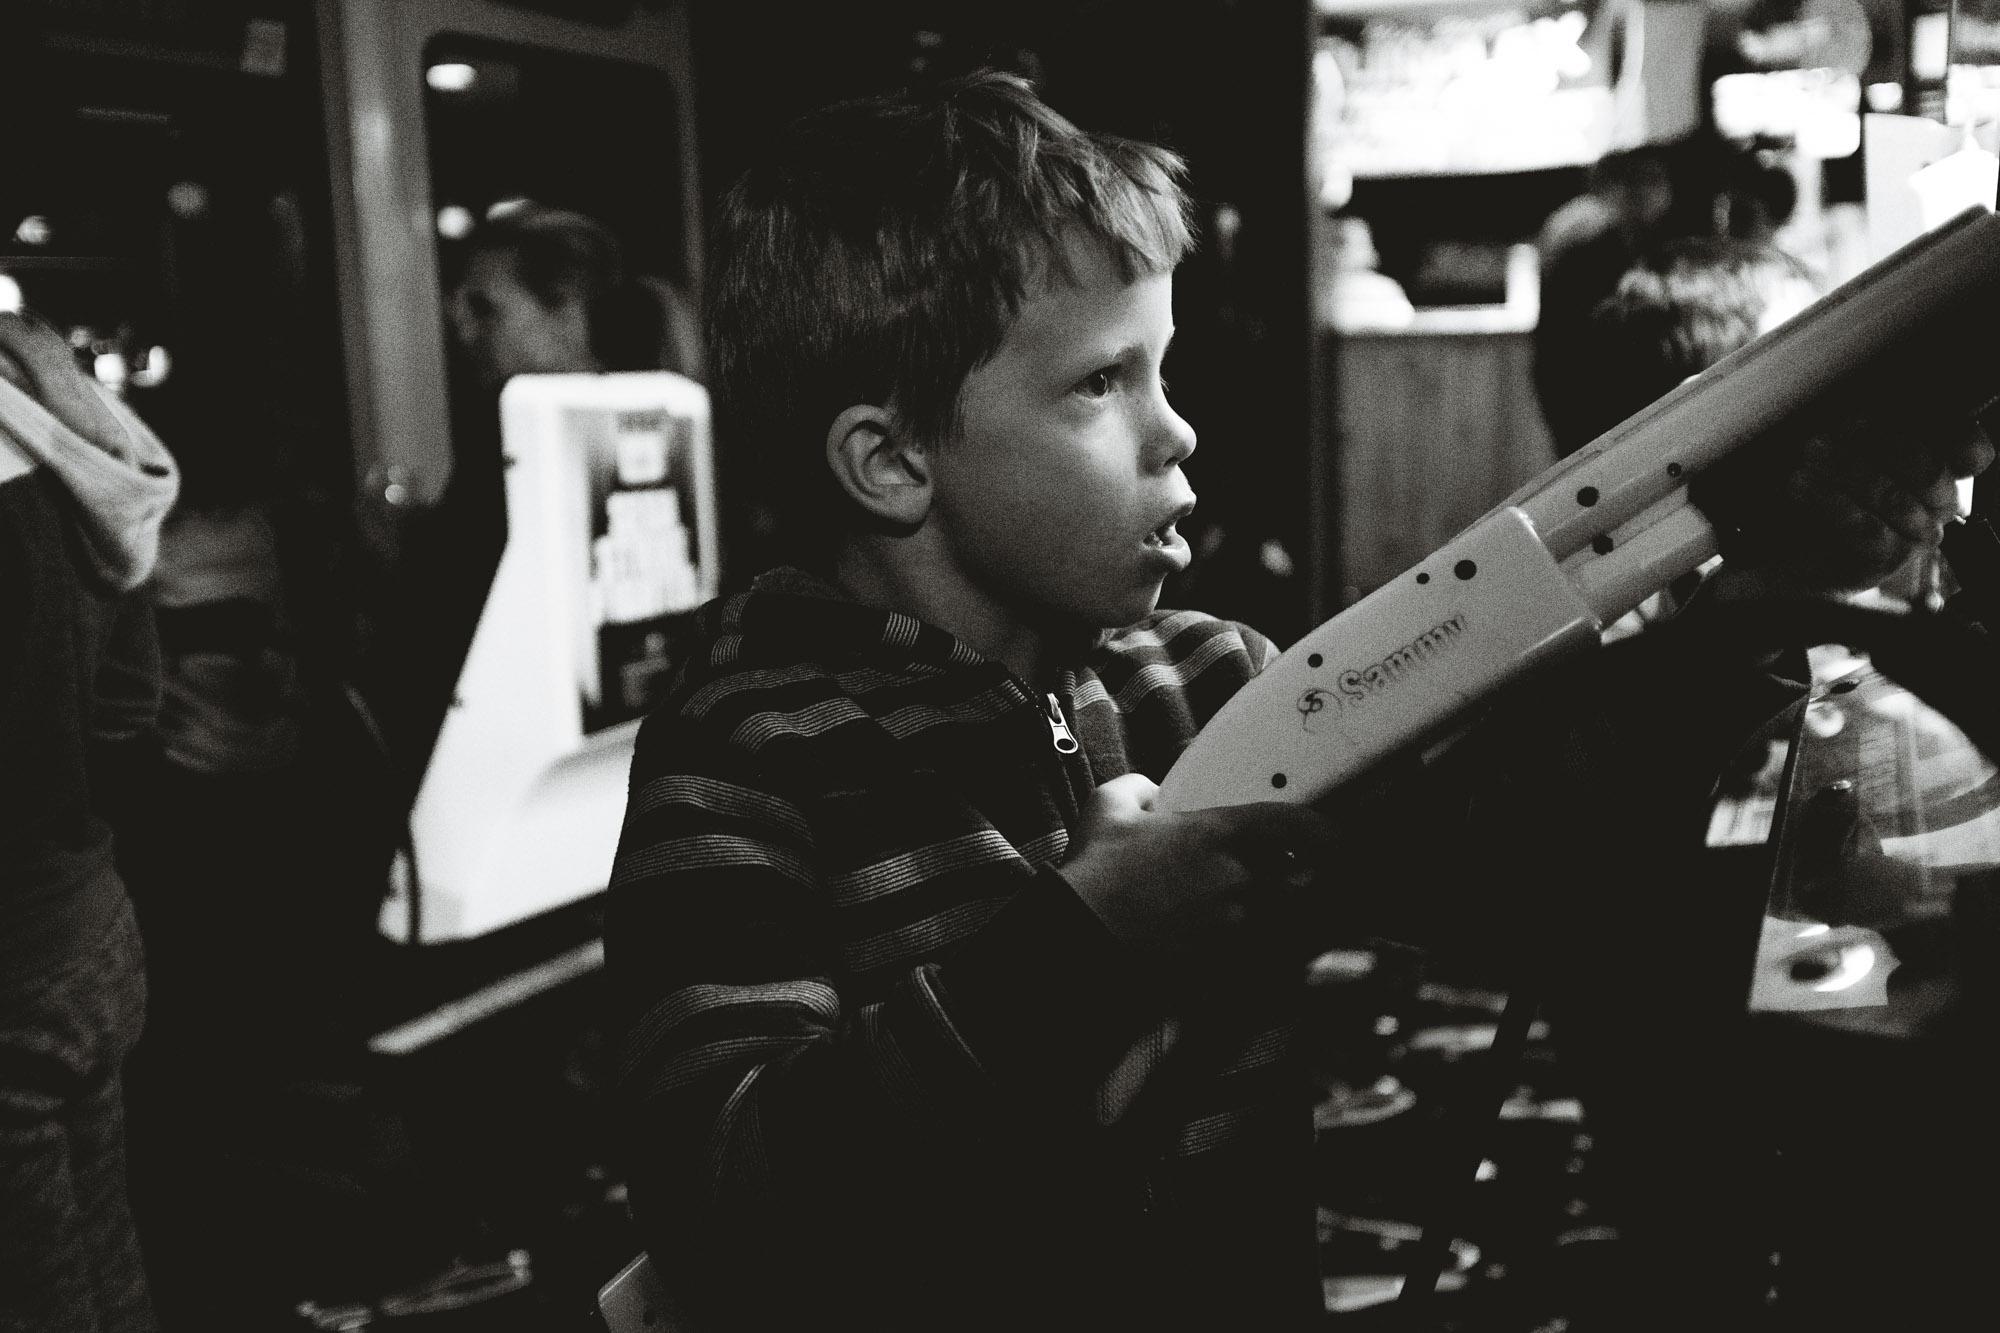 kid playing arcade shooting game in big bear